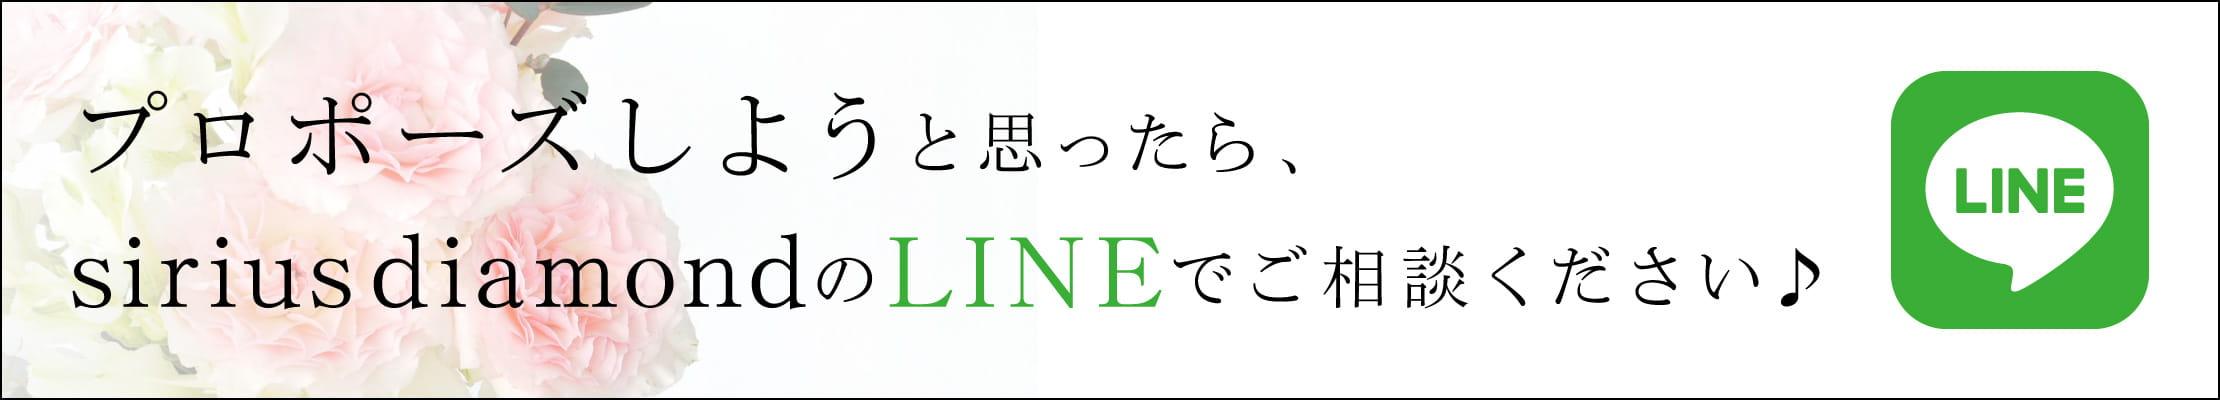 株式会社新和商会が運営するSirius DiamondのLINE公式アカウントへ